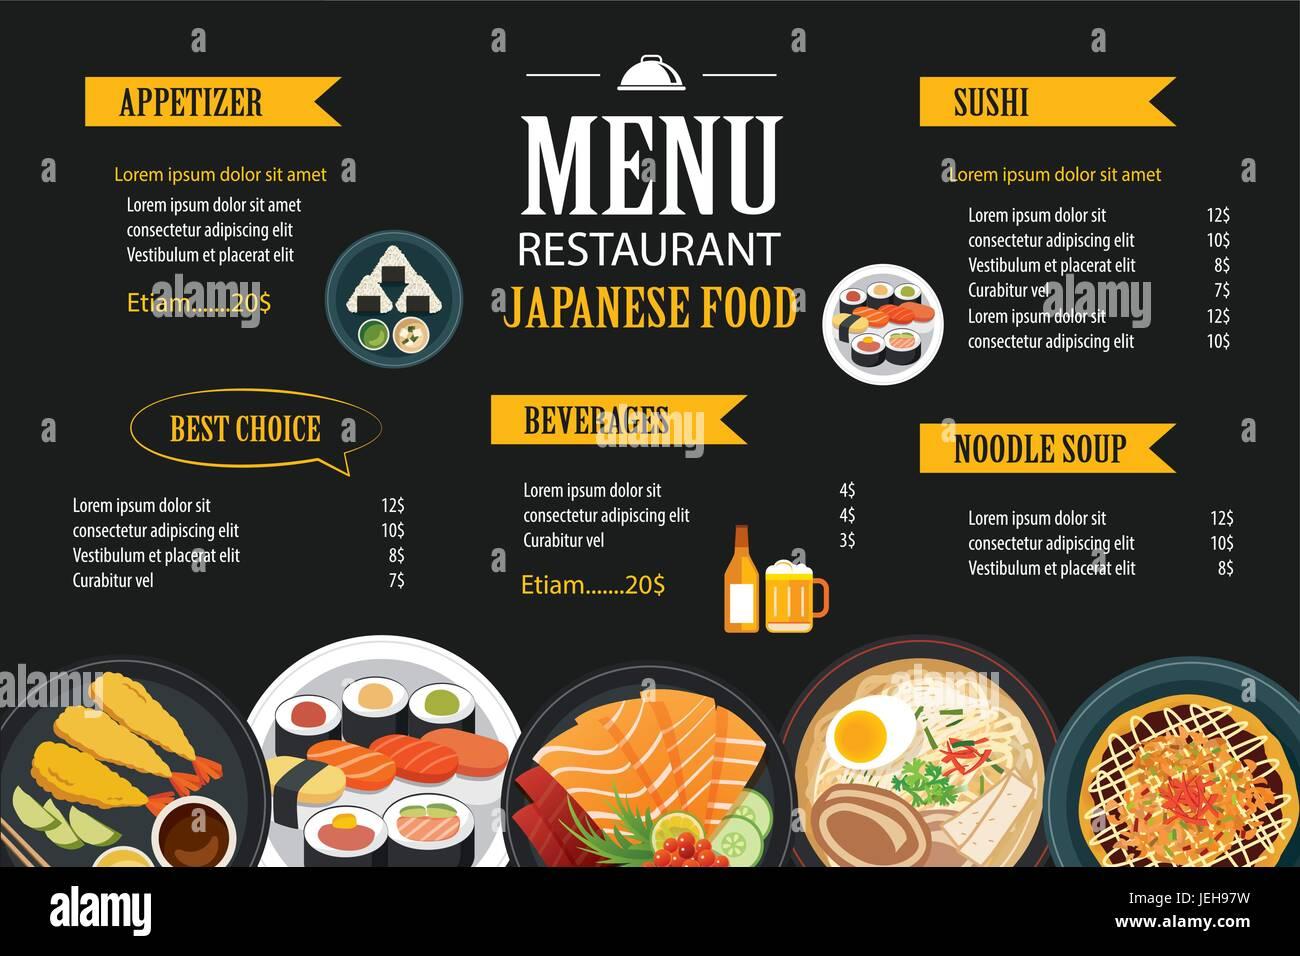 Japanisches Essen Menü Restaurant Broschüre Design-Vorlage Vektor ...